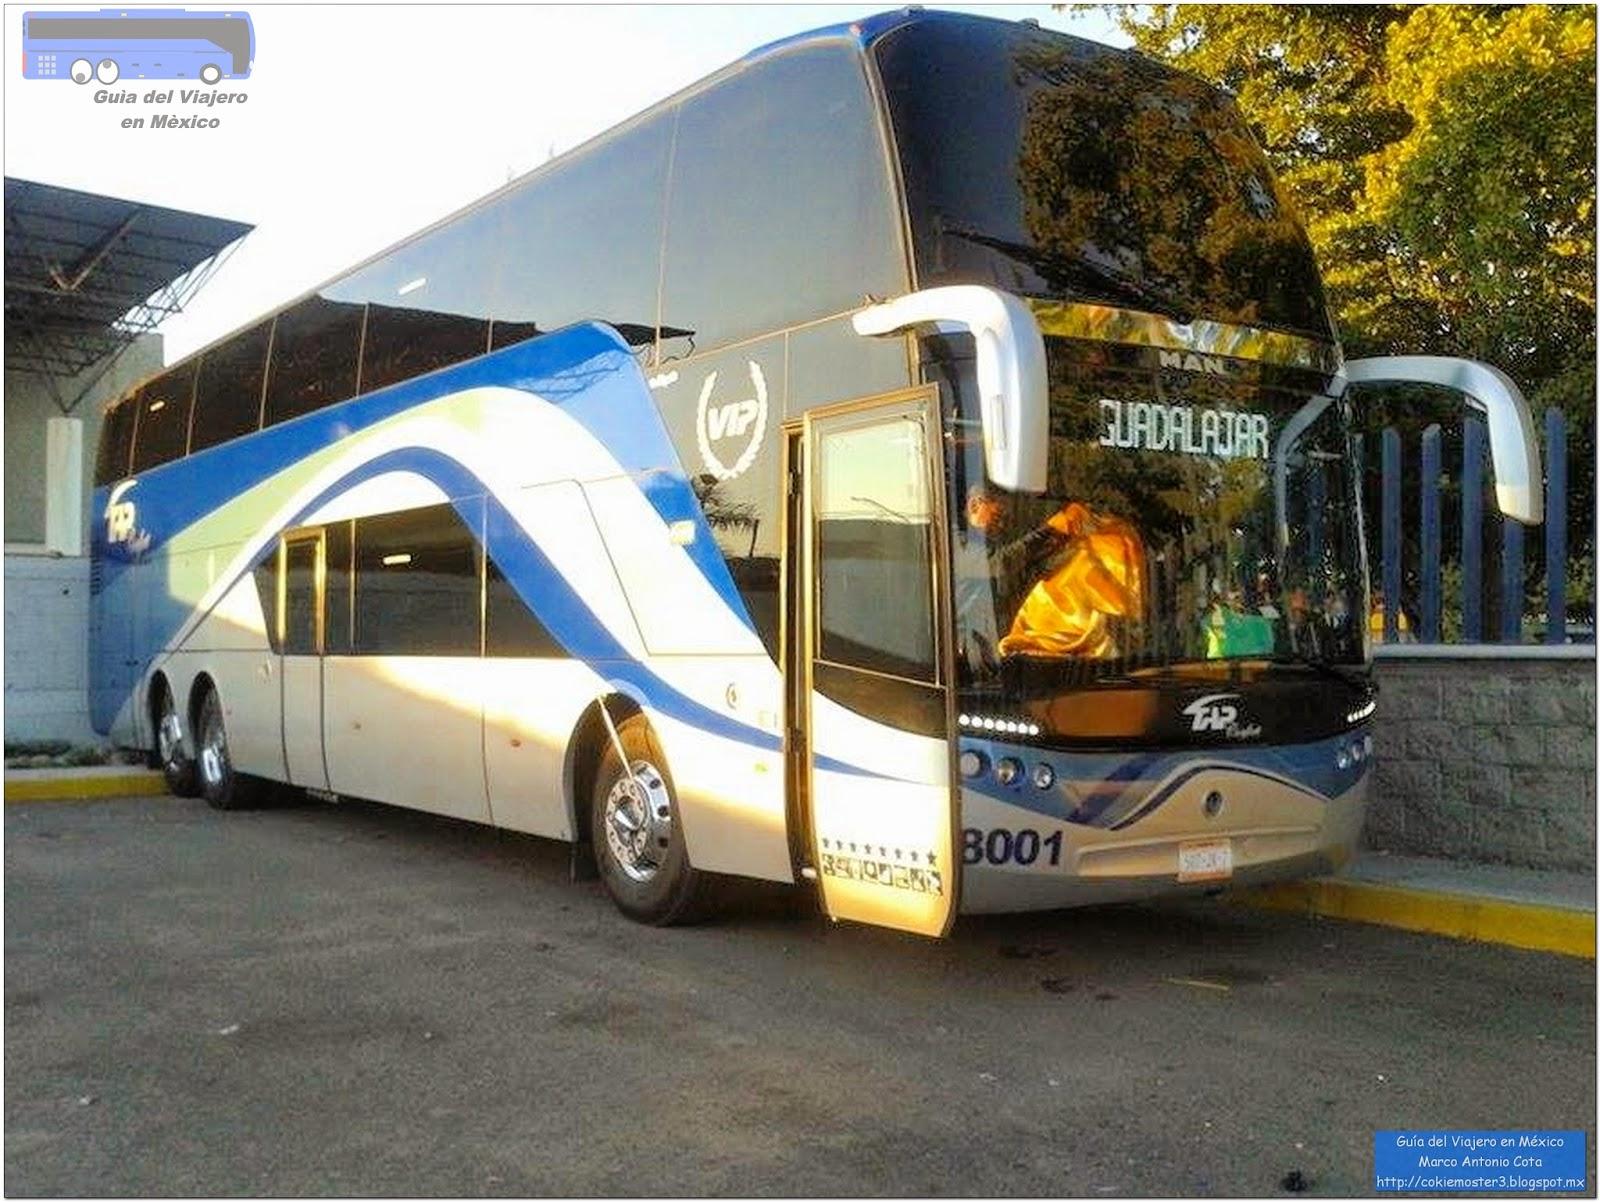 Guía del Viajero en México: Líneas con Autobuses de dos pisos en México